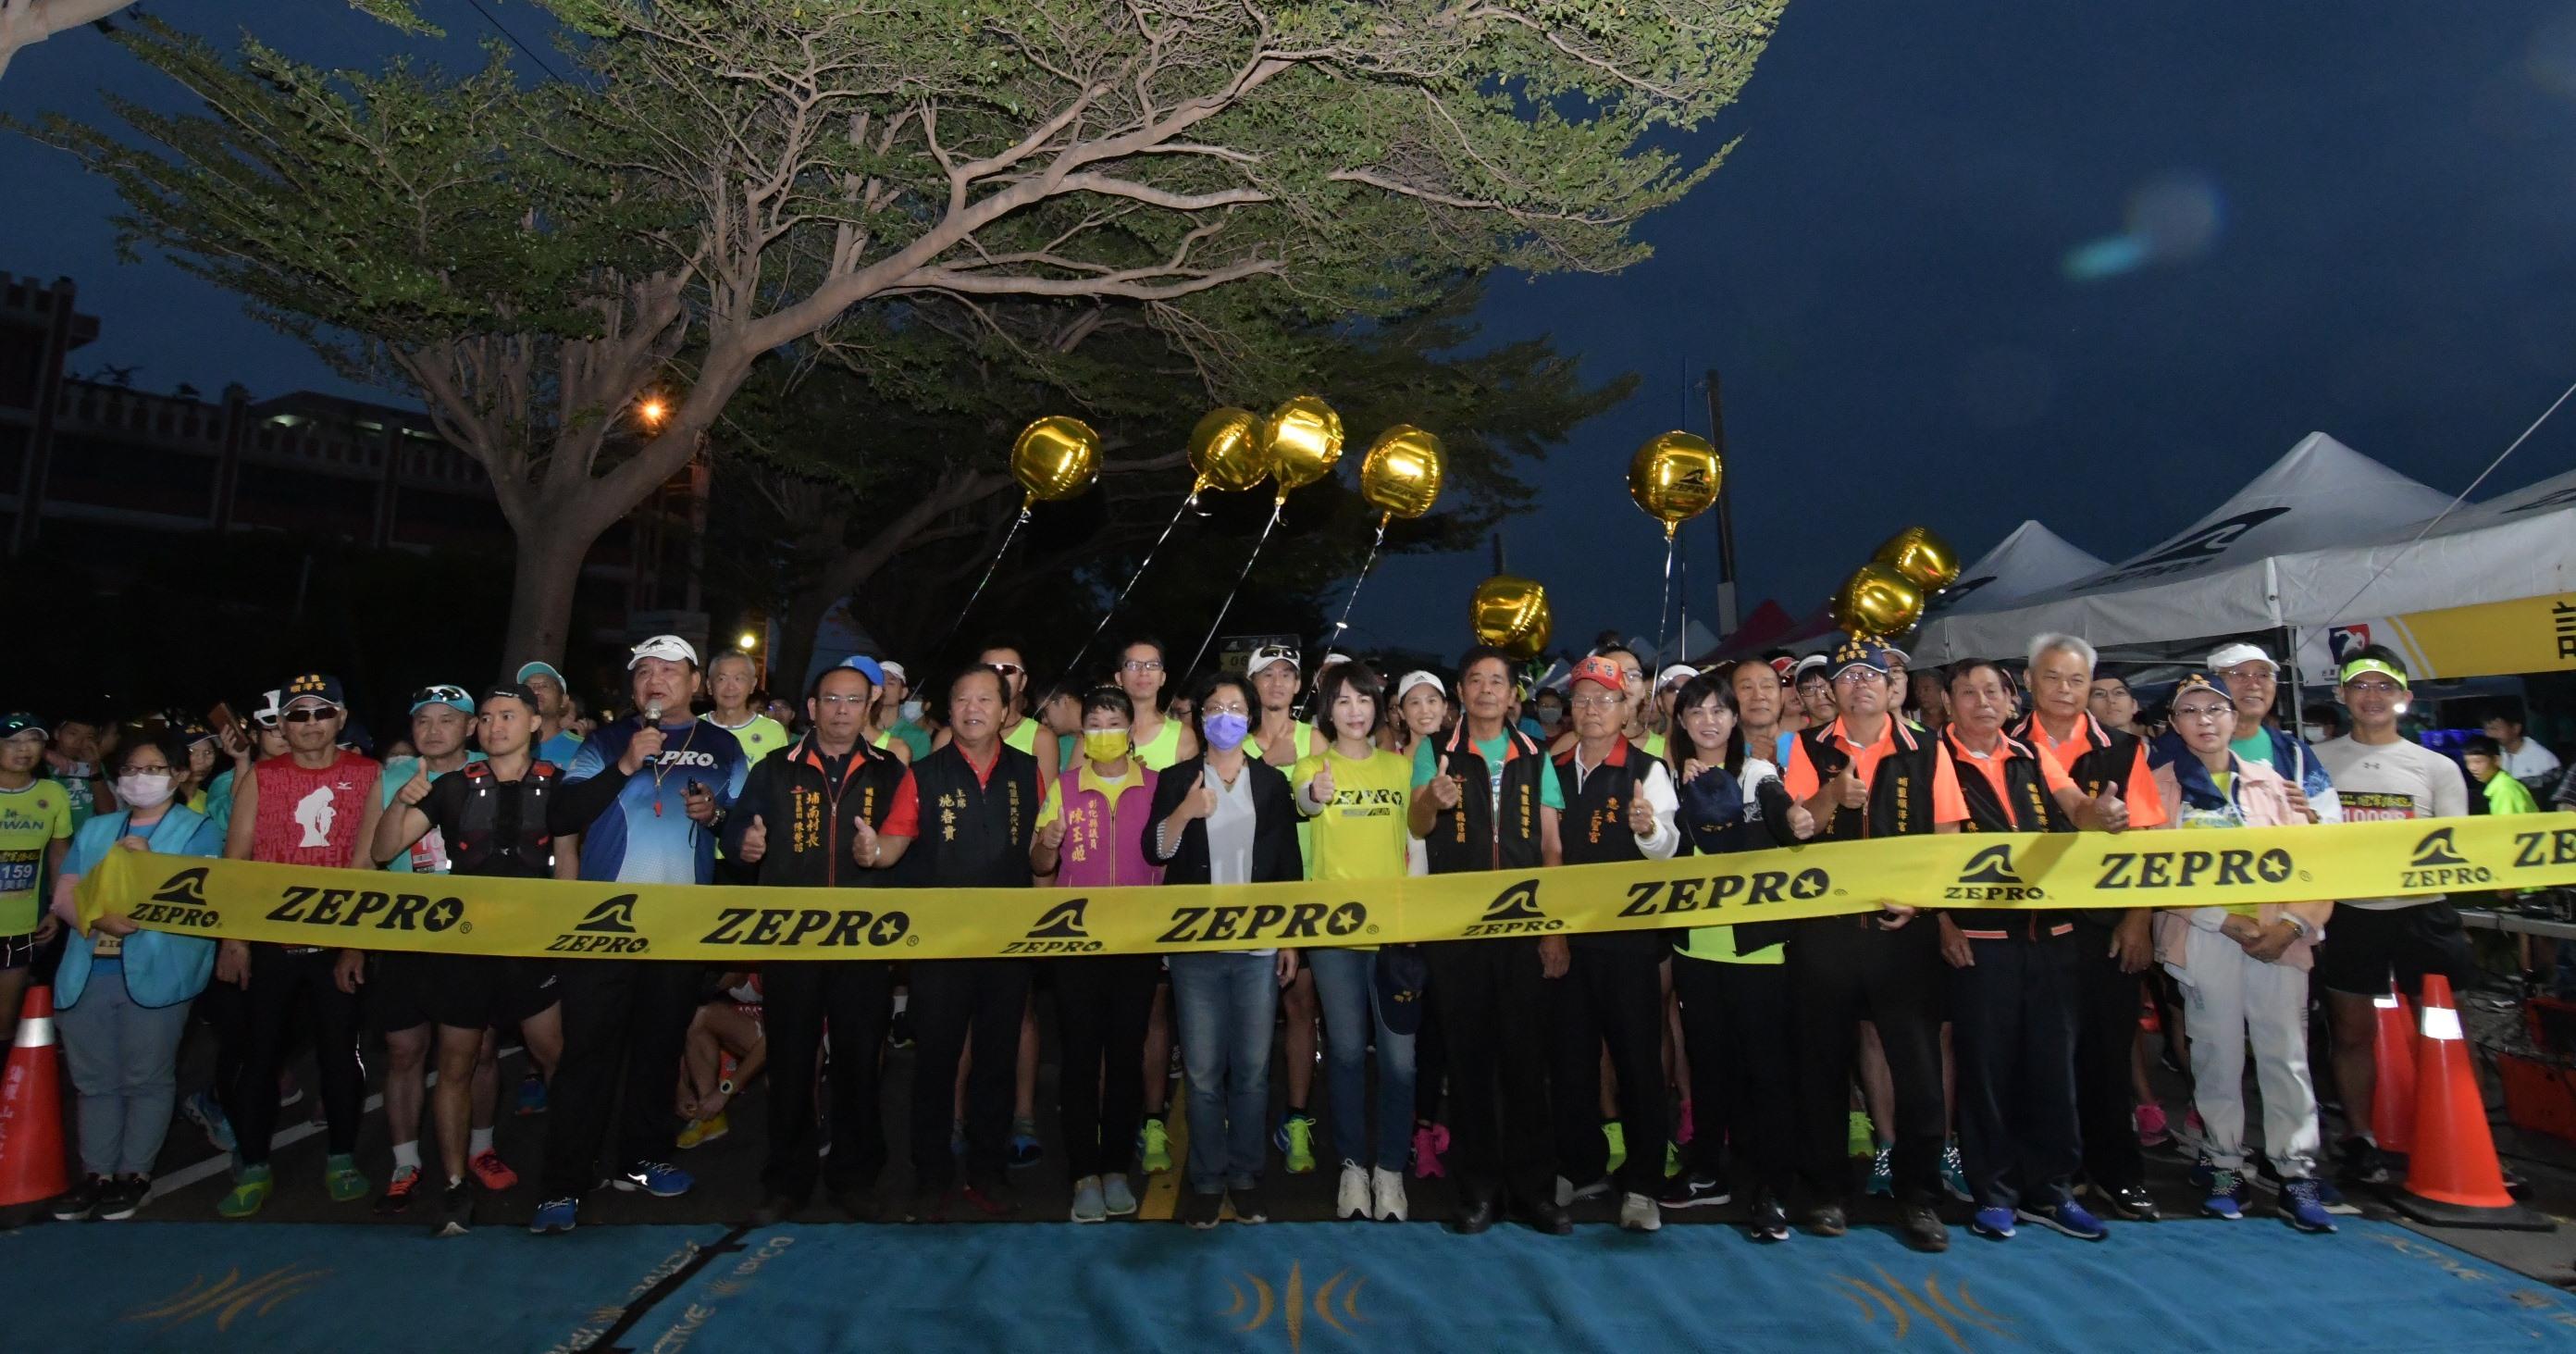 彰化首次冠軍路跑從埔鹽順澤宮出發 2020 順澤宮 X ZEPRO 冠軍路跑-全國半程馬拉松